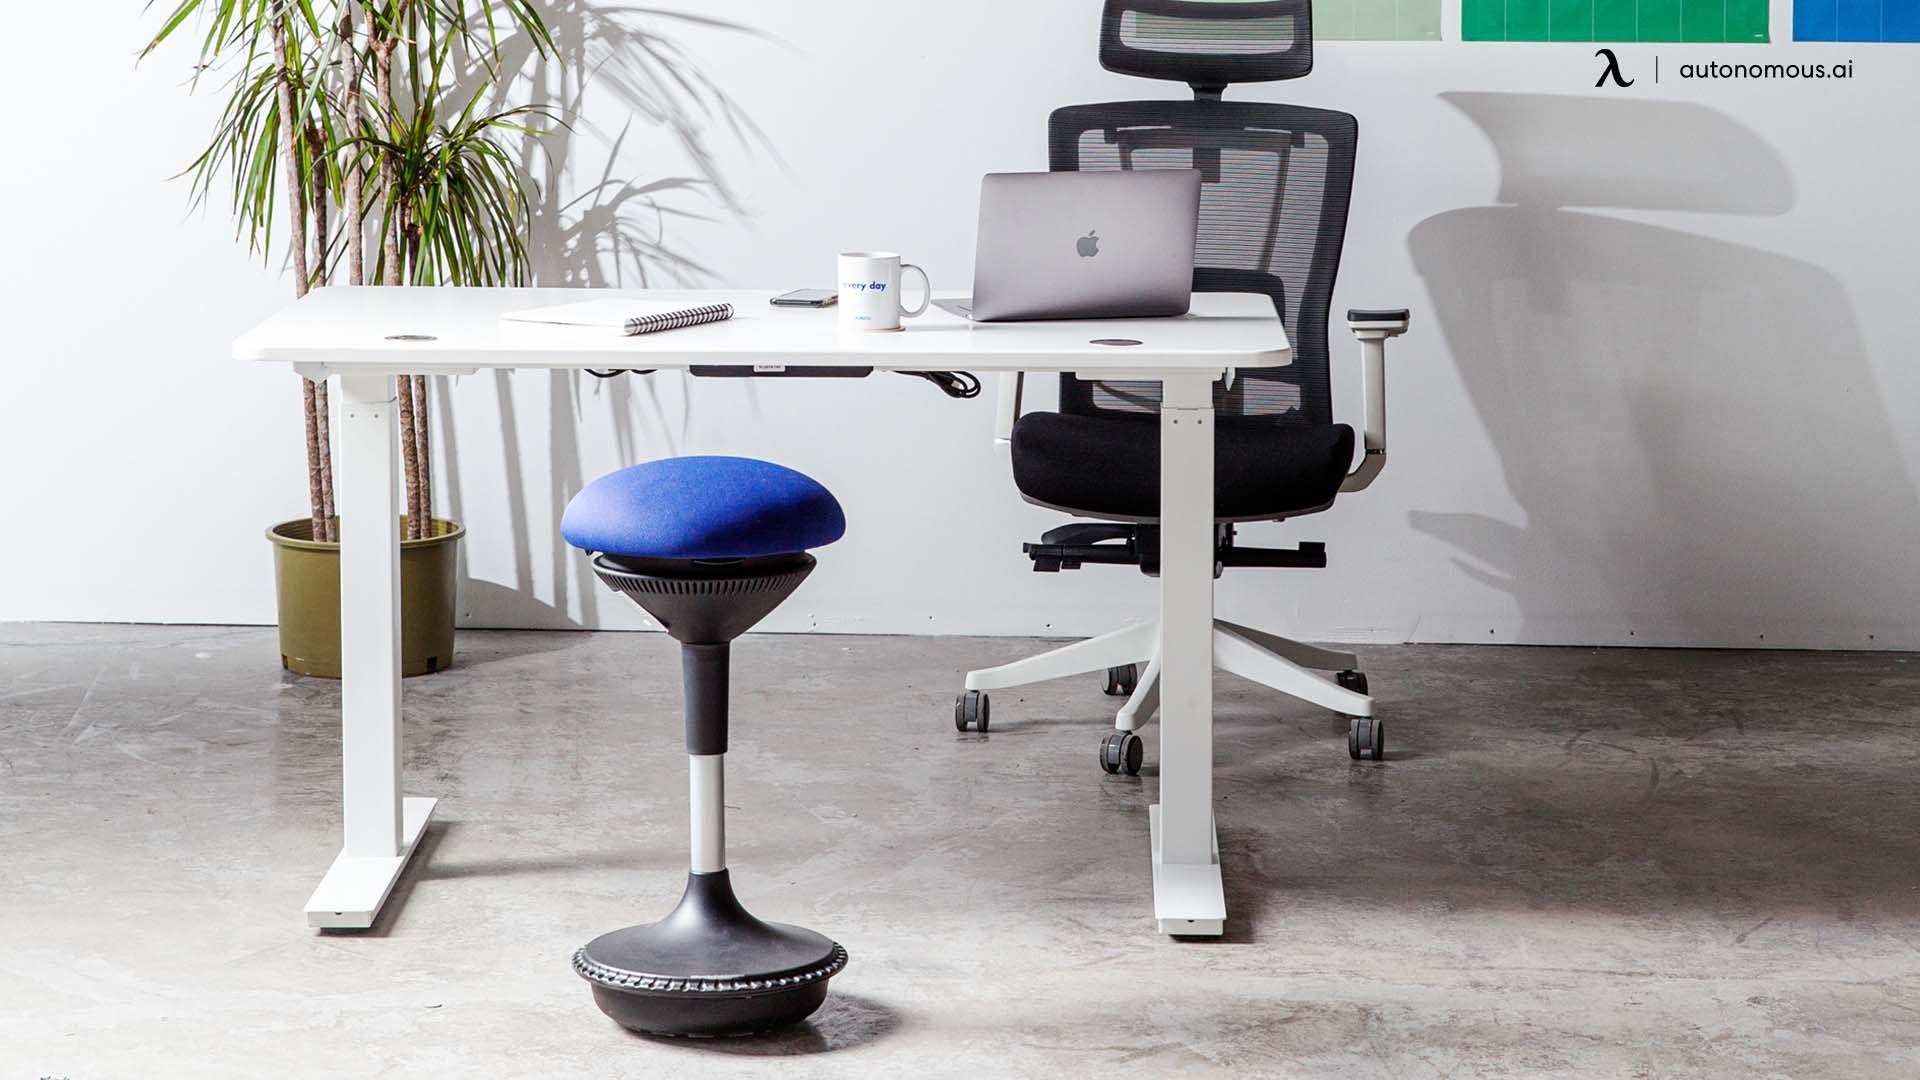 Ergo stool